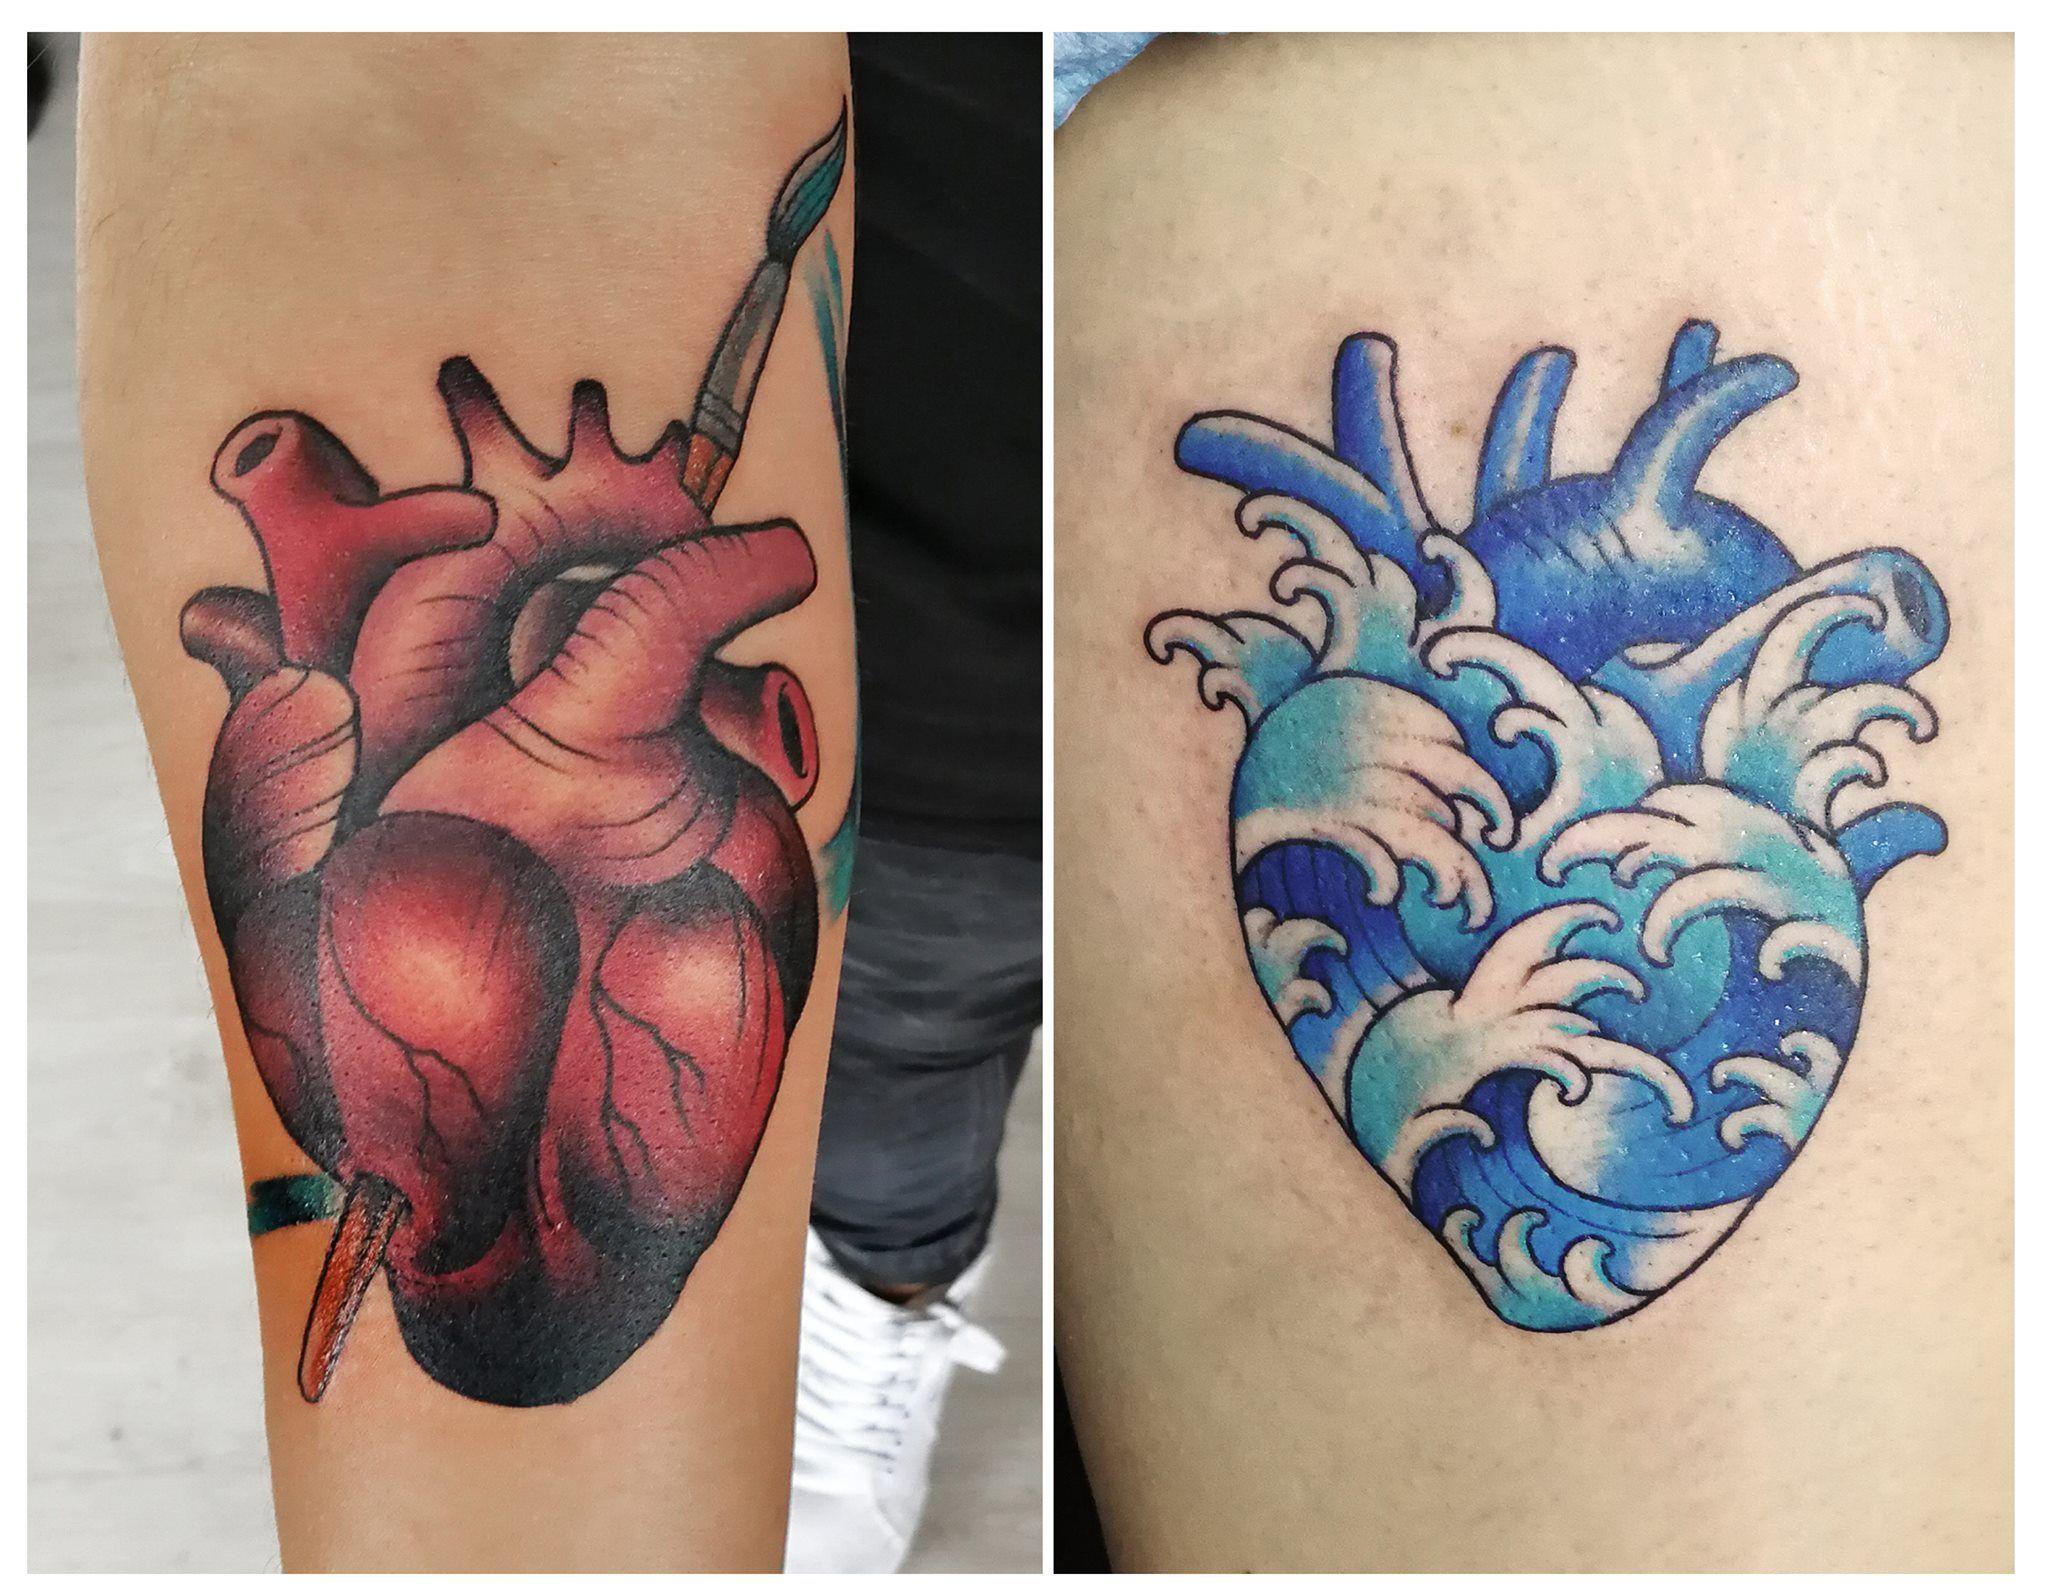 Tatuaje Corazon Heart Tattoo Corazon Del Mar Tatuaje Tattoo